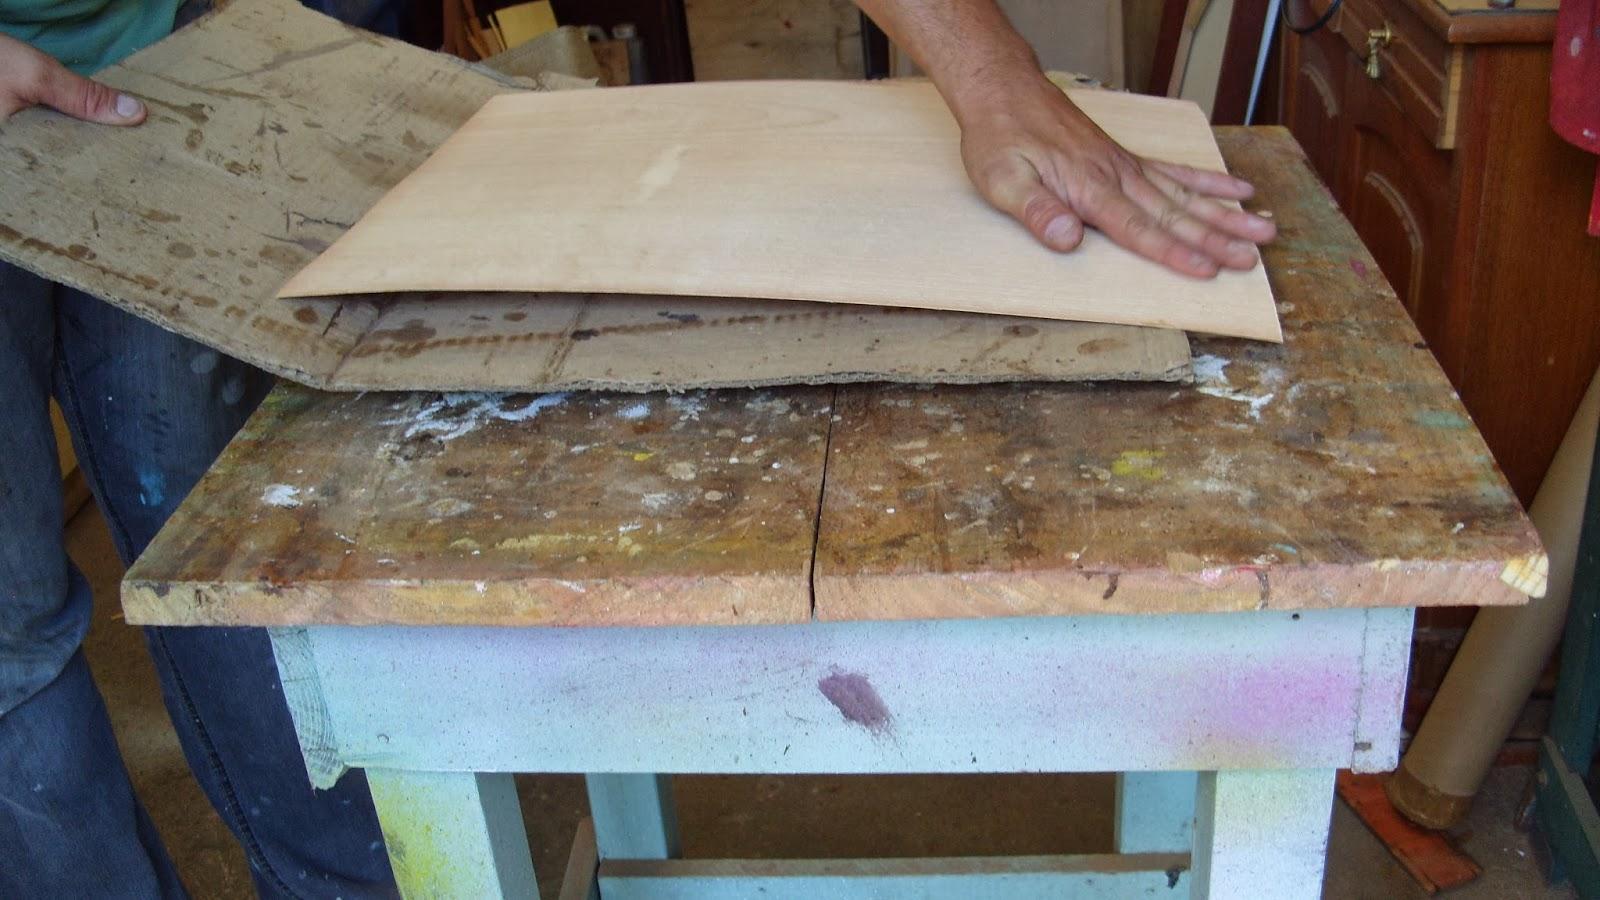 cada pedaço que se puxa do papelão se faz pressão com a mão em  #3B7190 1600x900